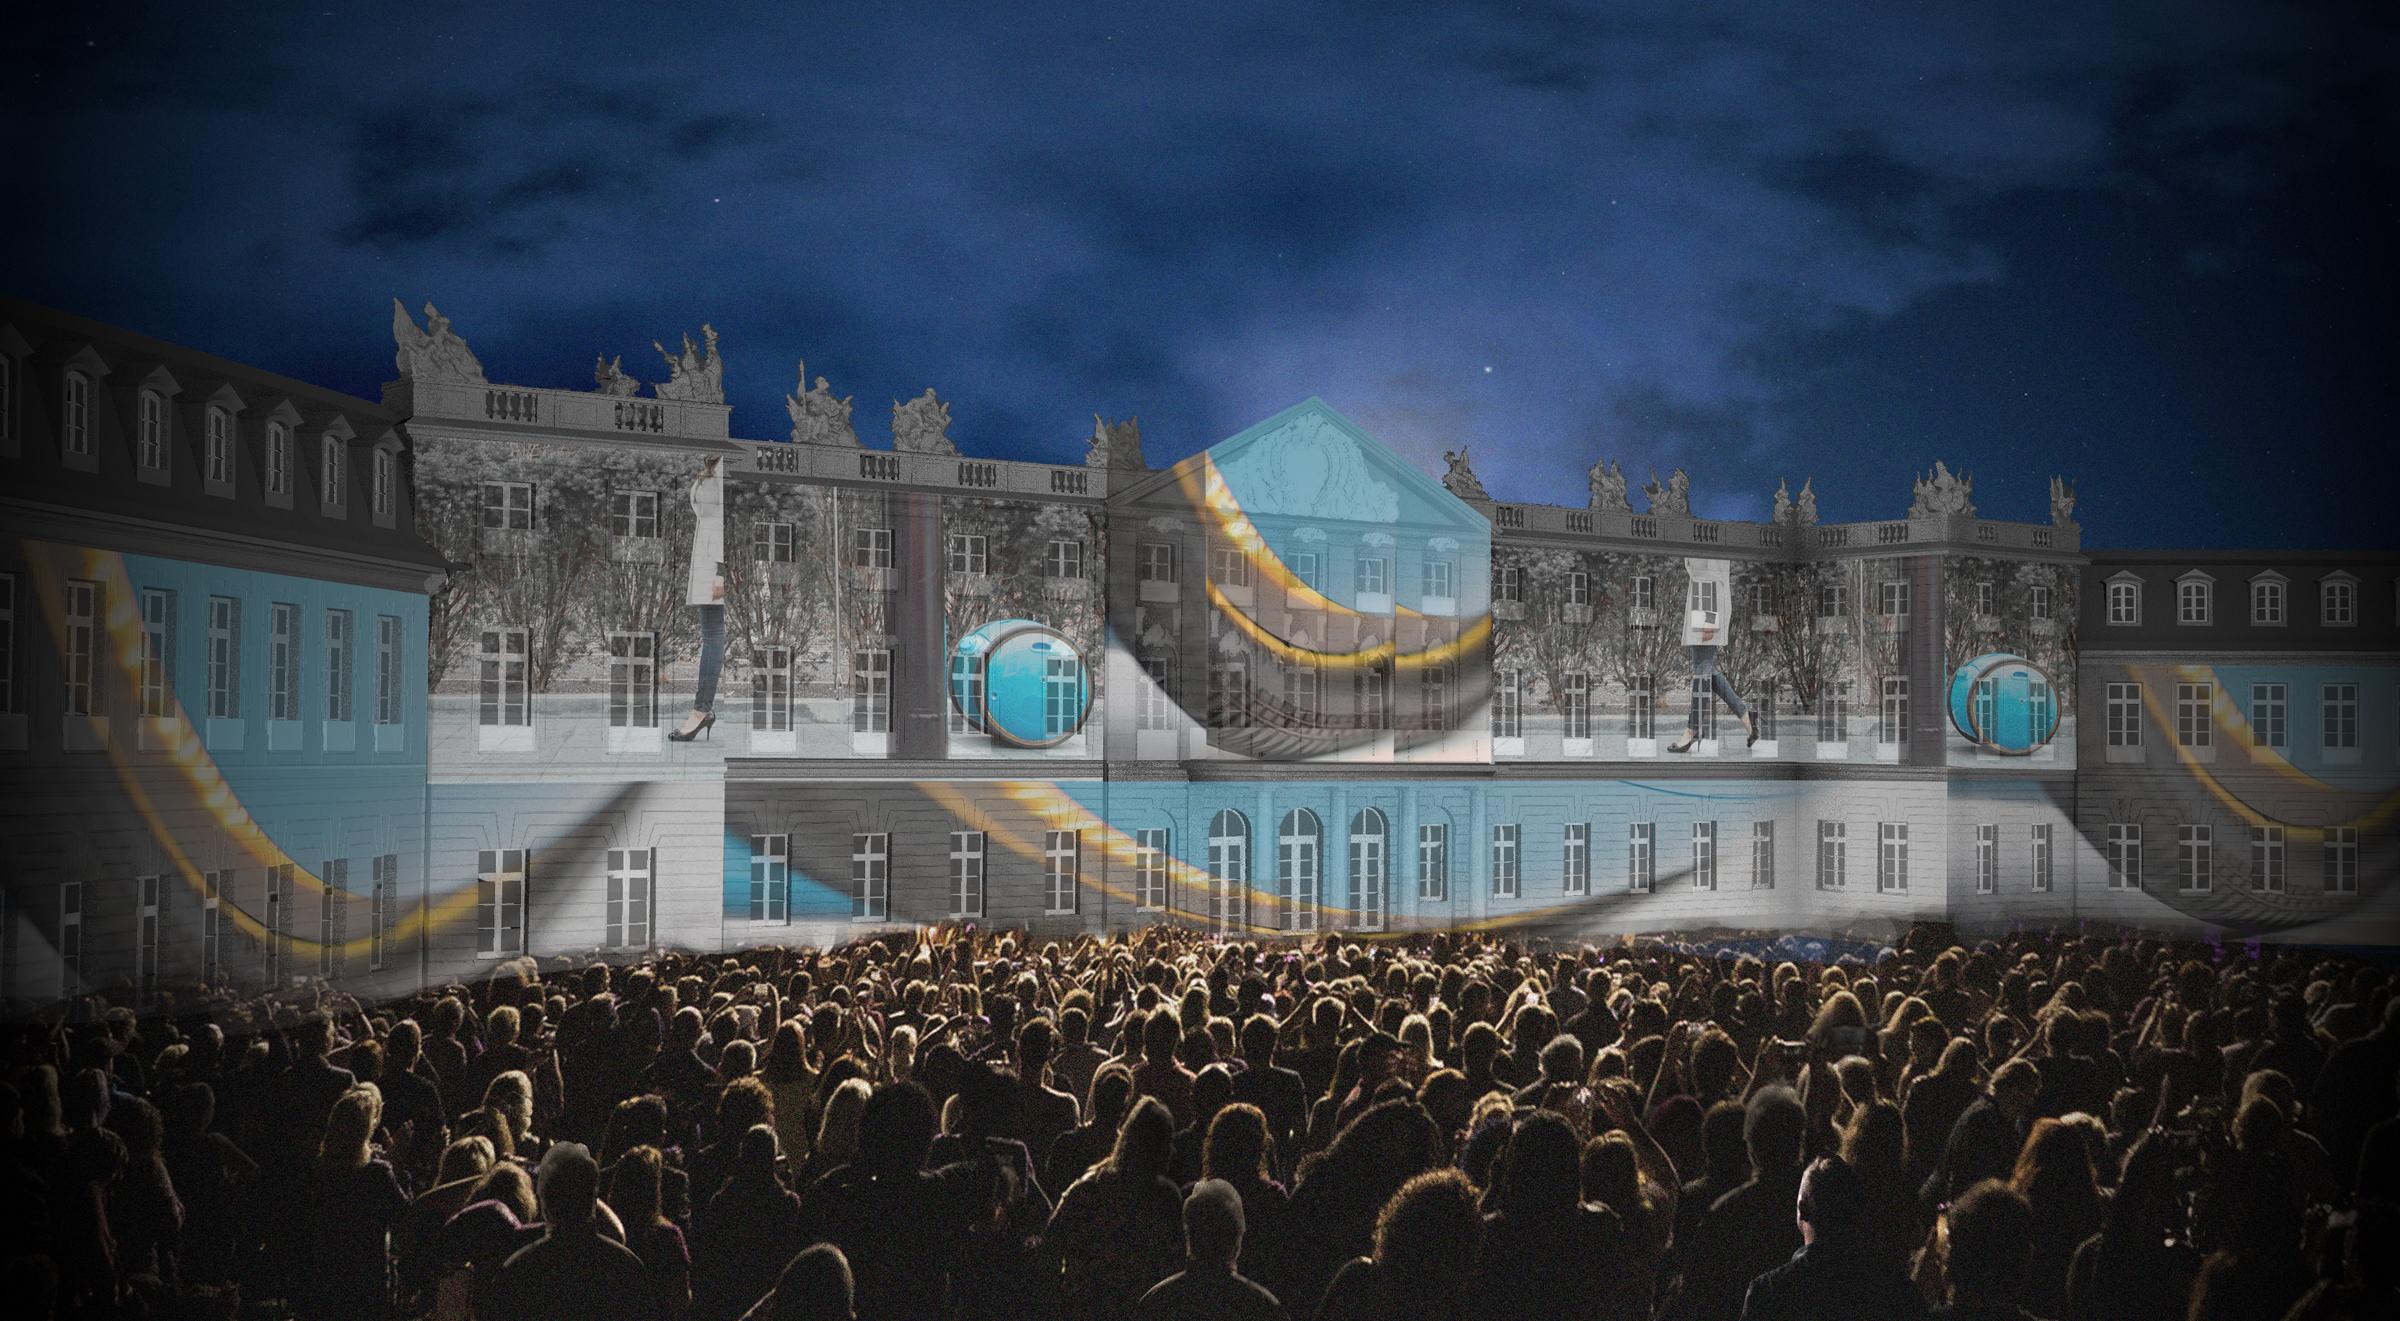 Blau/Graue Lichtprojektion auf Schloss vor Publikum